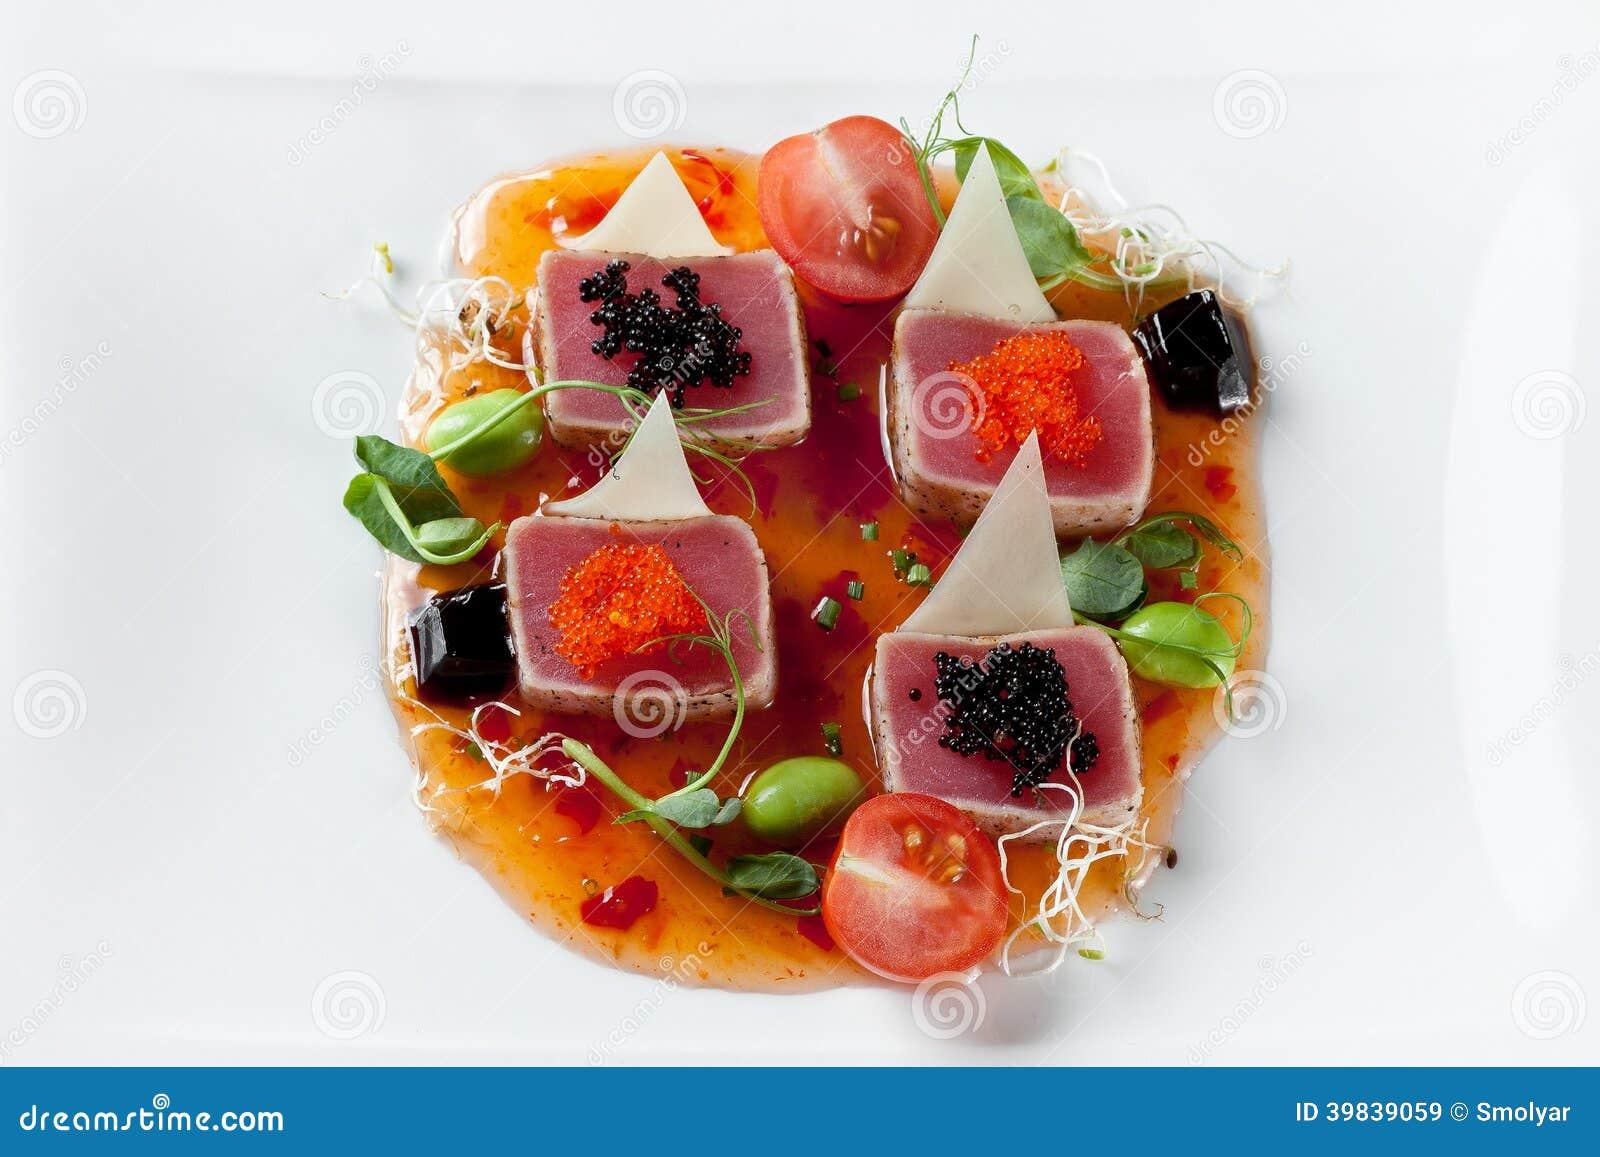 Παν-ασιατική κουζίνα θαλασσινών με τη λωρίδα τόνου στη σάλτσα και το χαβιάρι